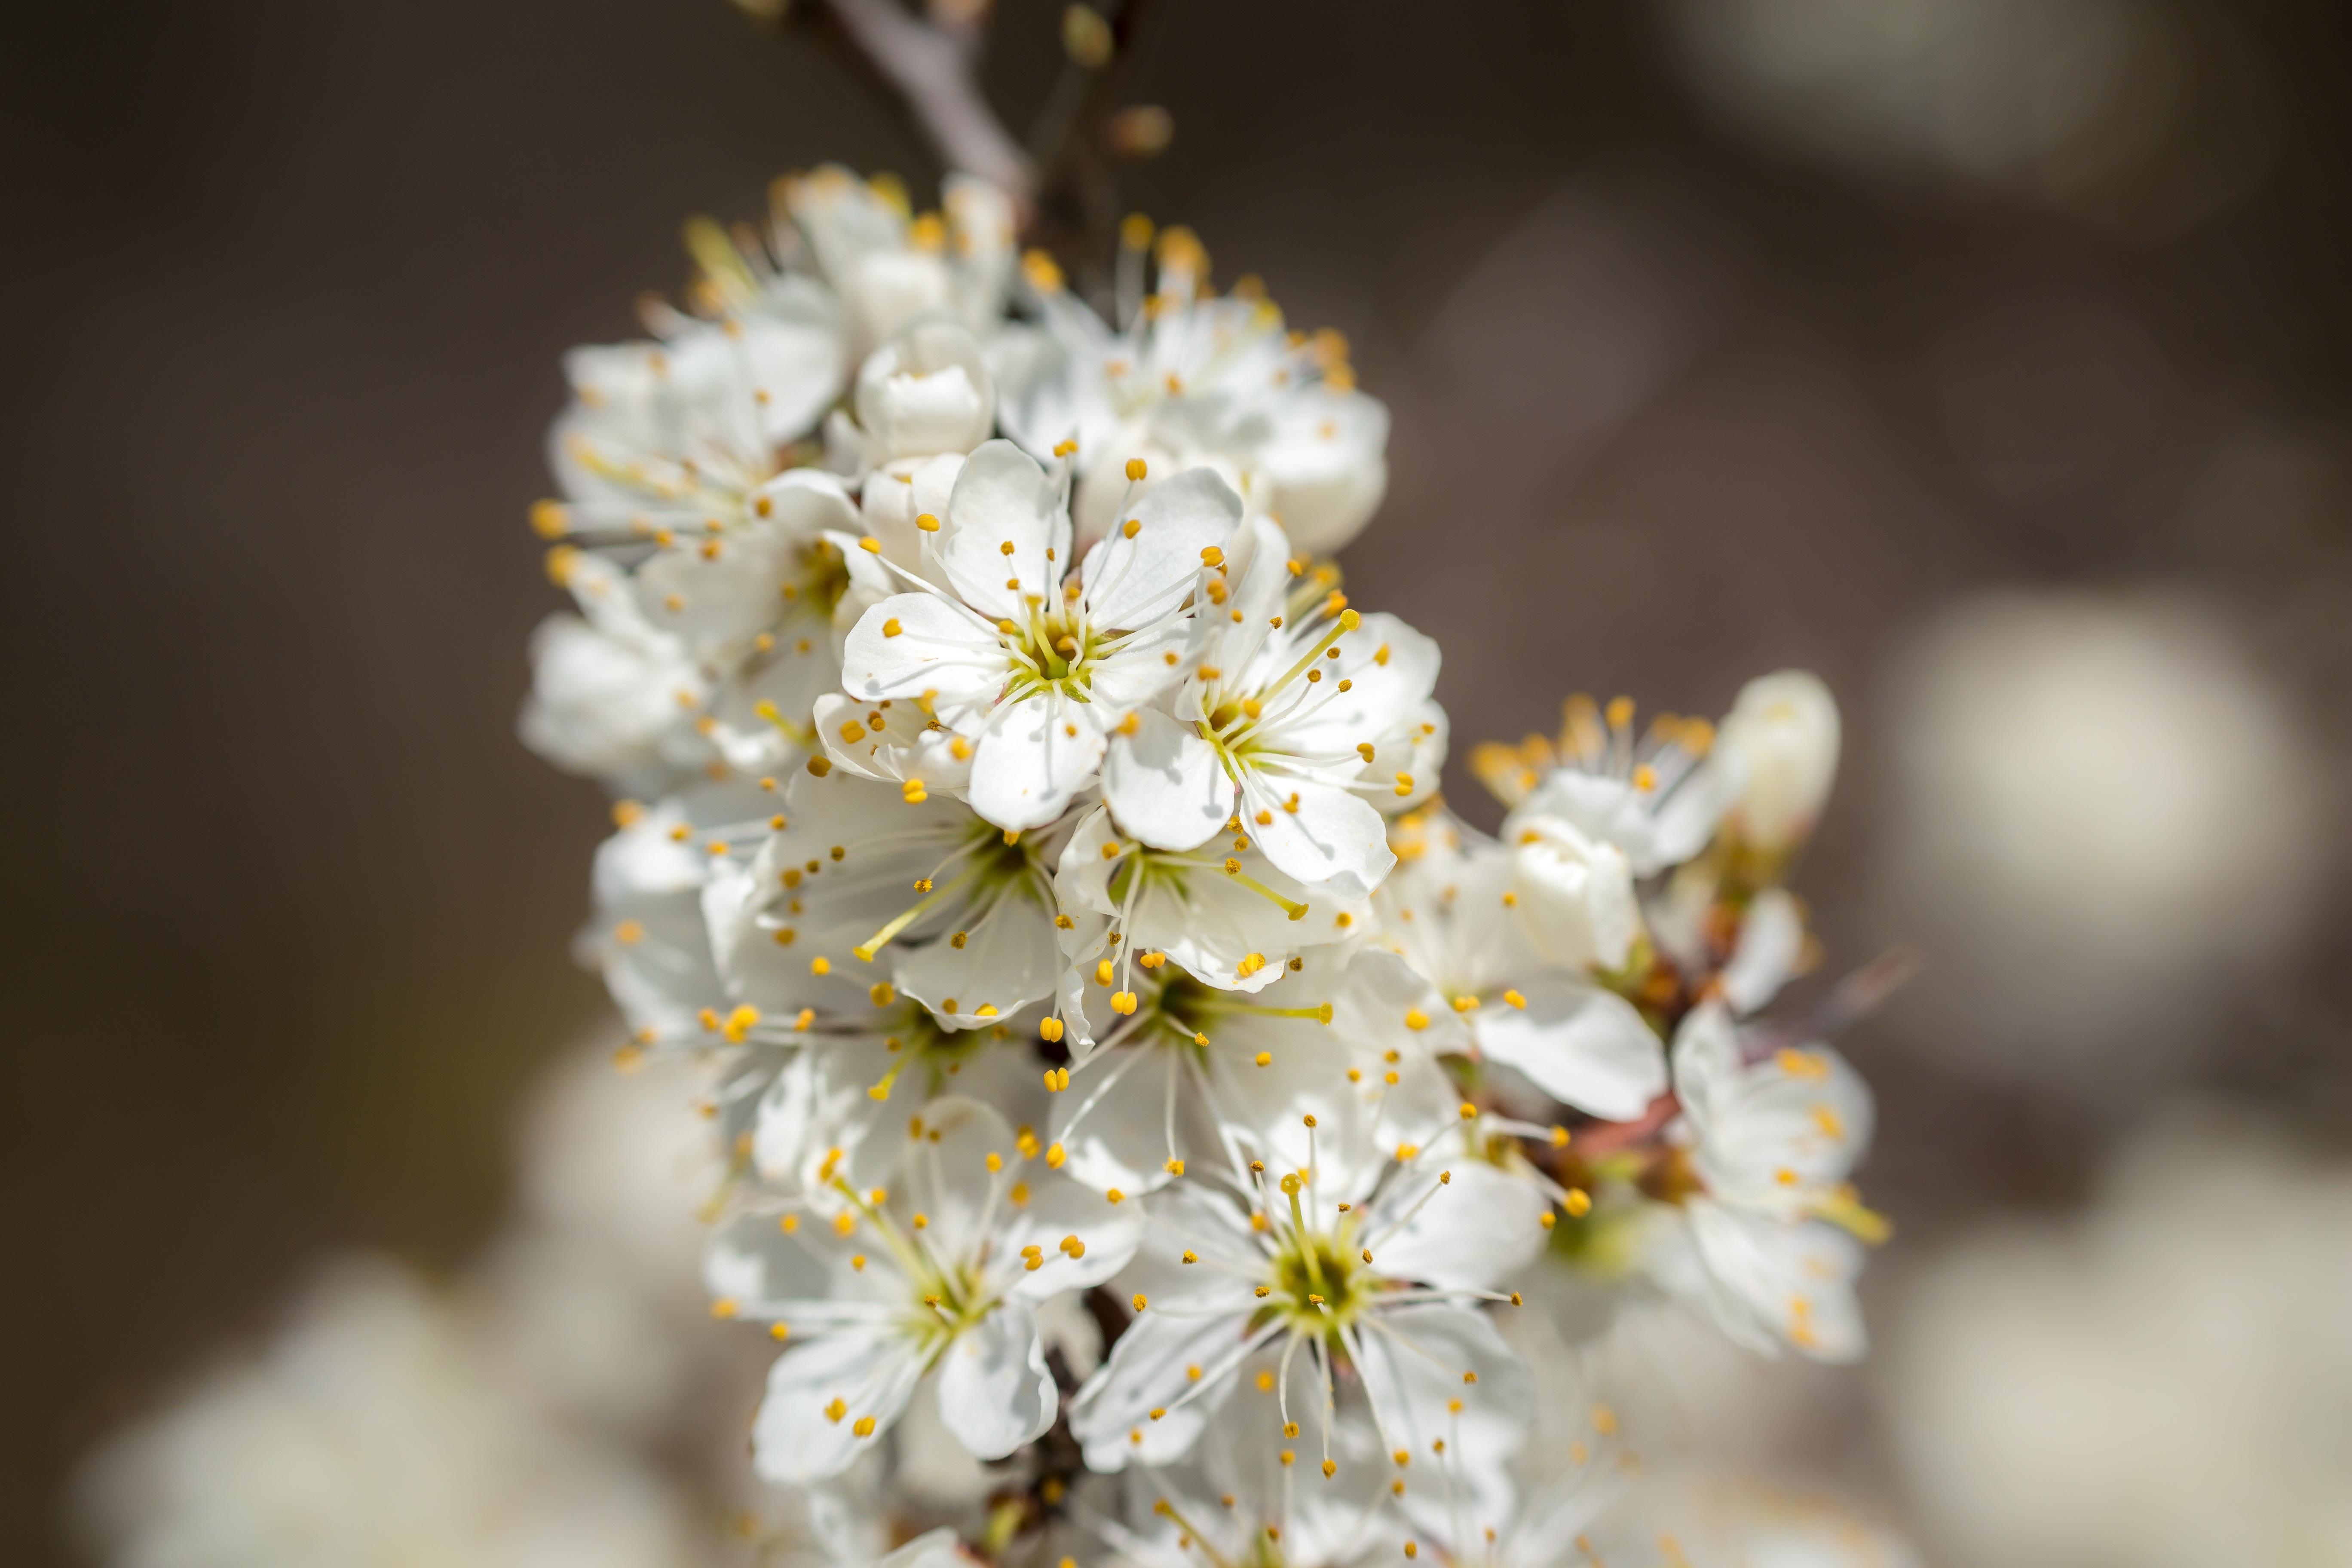 Free Images Branch White Fruit Sunlight Flower Petal Bloom